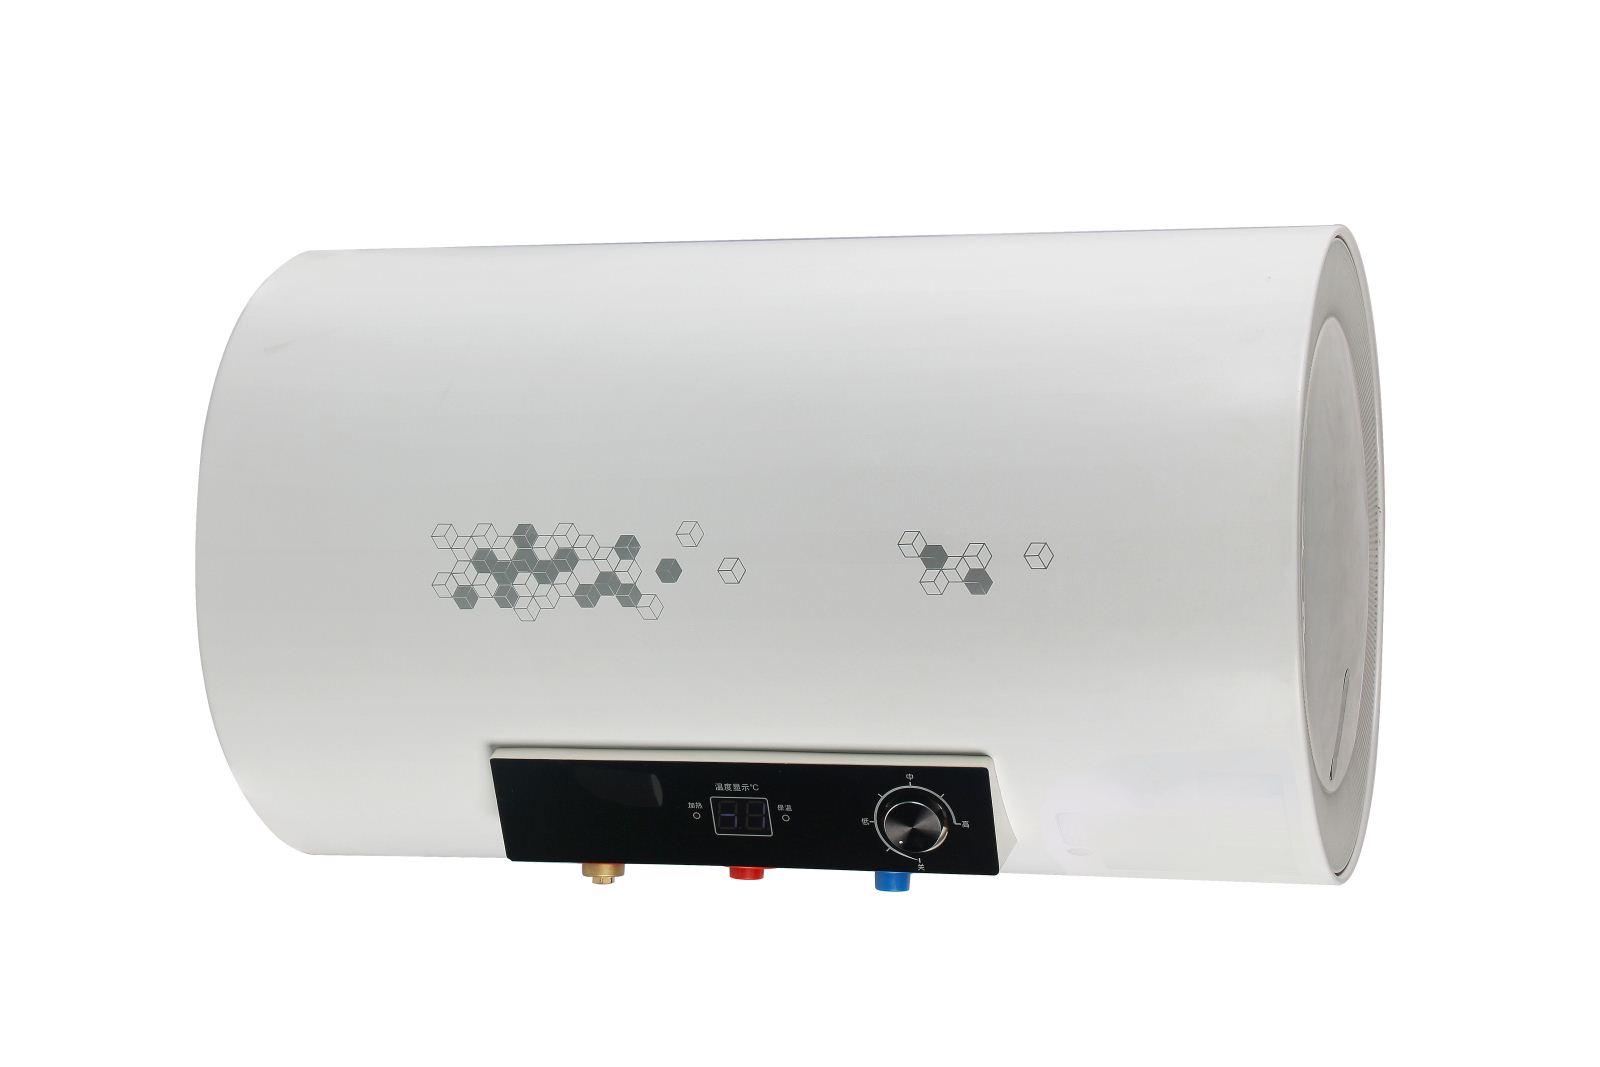 海尔电热水器如何 海尔电热水器的五大特色需知